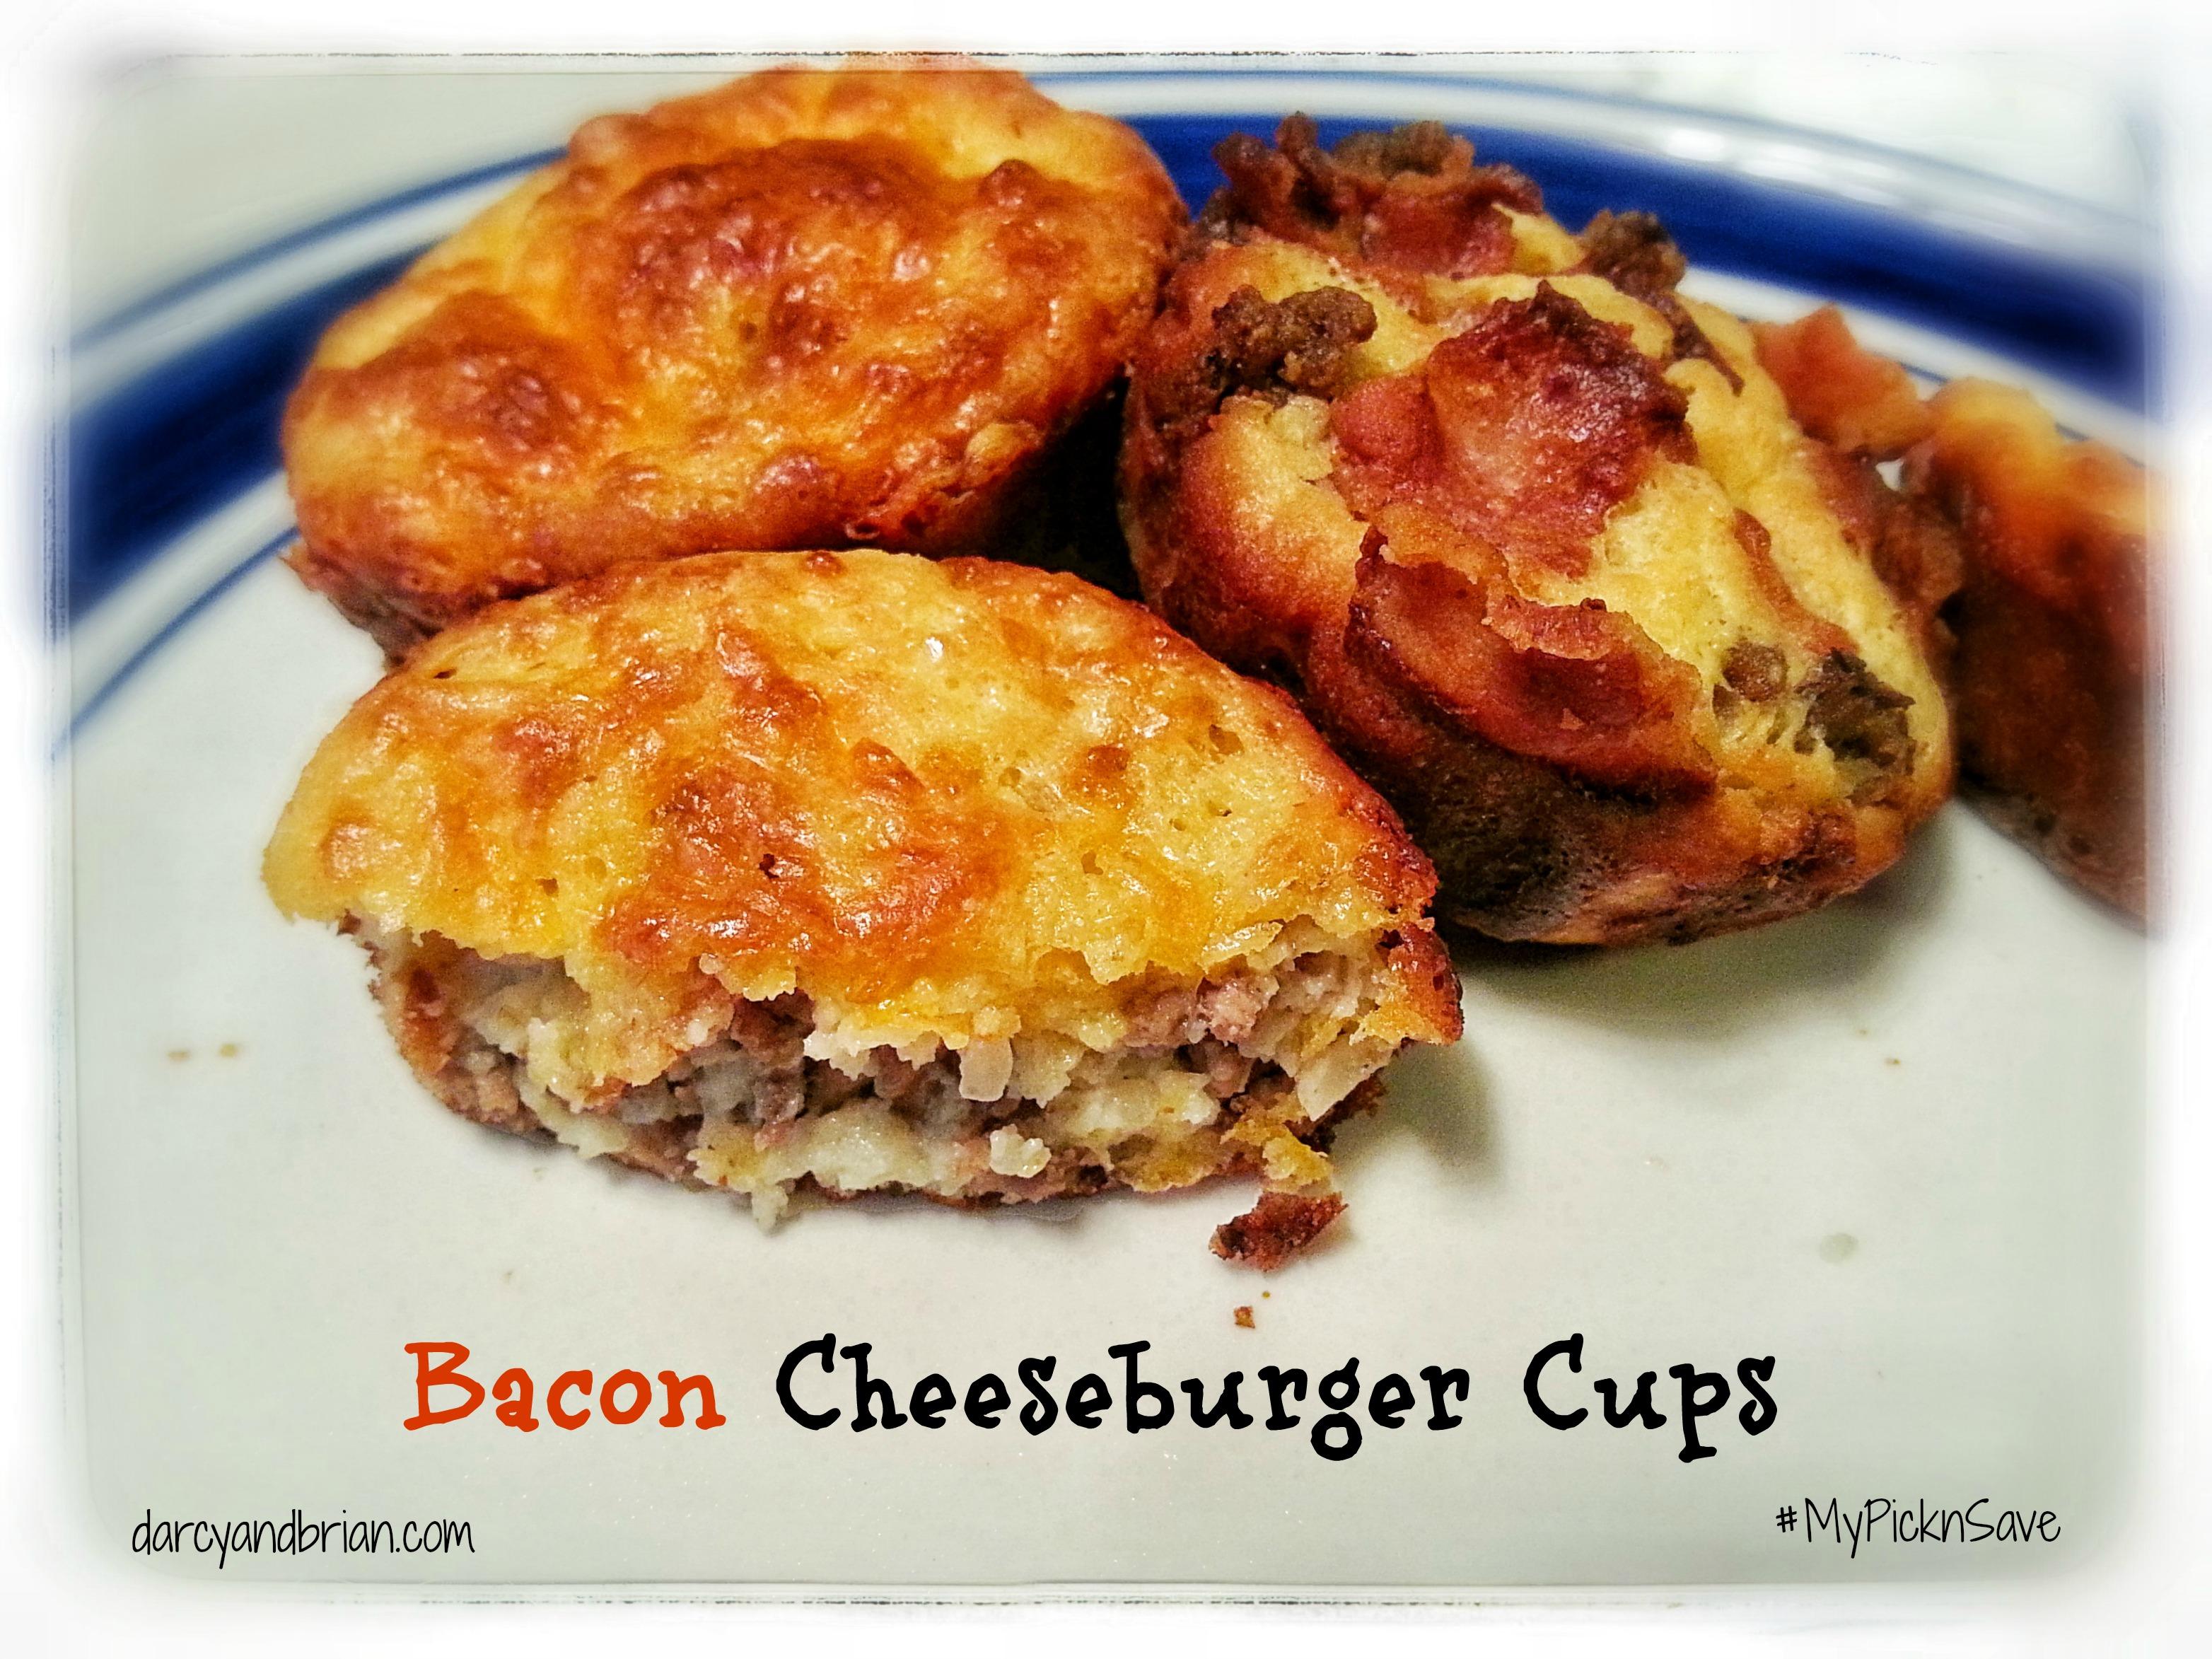 Bacon Cheeseburger Cups